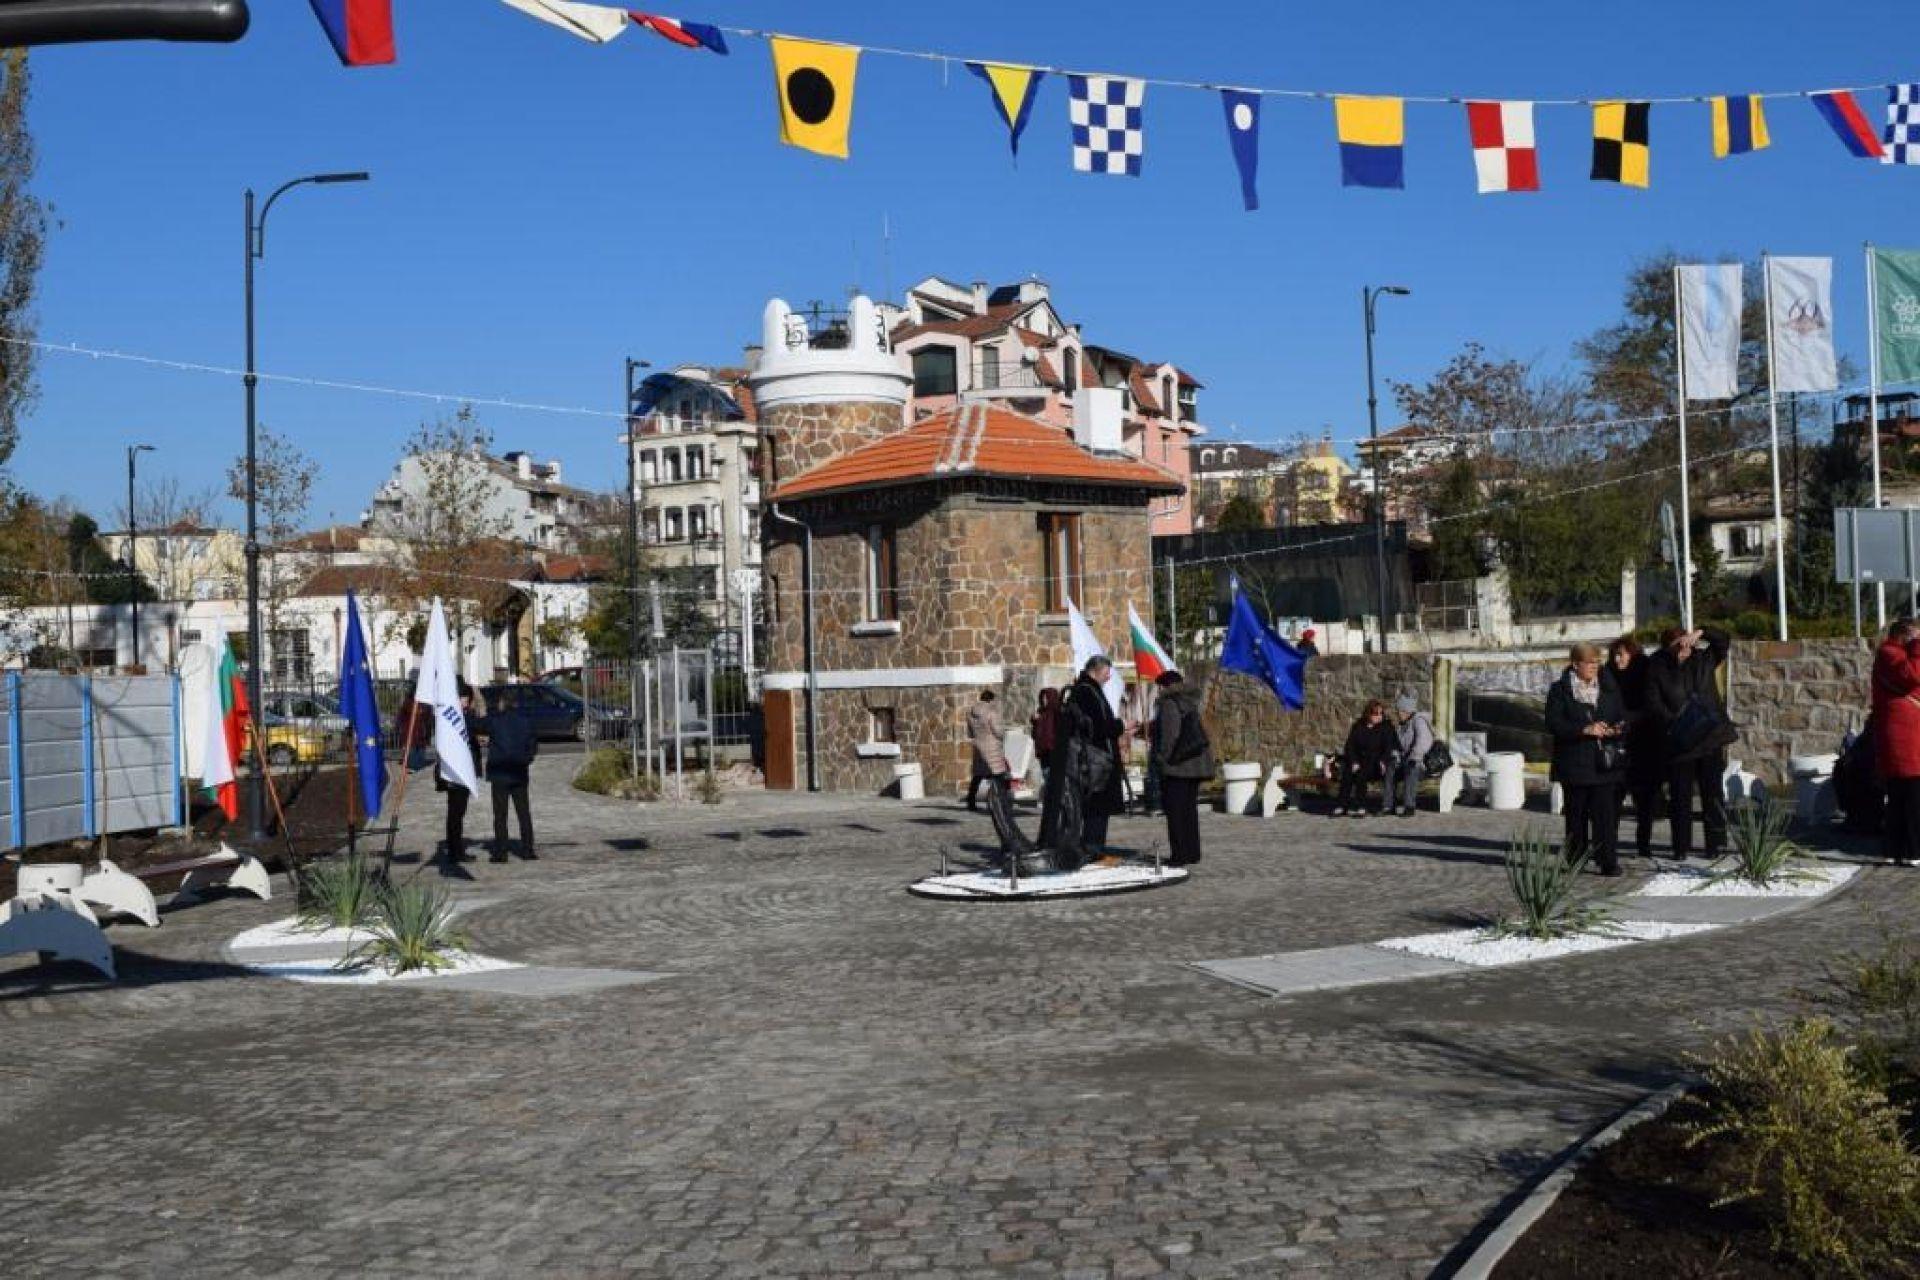 Посетителски център - Кулата на фаропазача - отвори врати за празника на Бургас - 06.12.2019